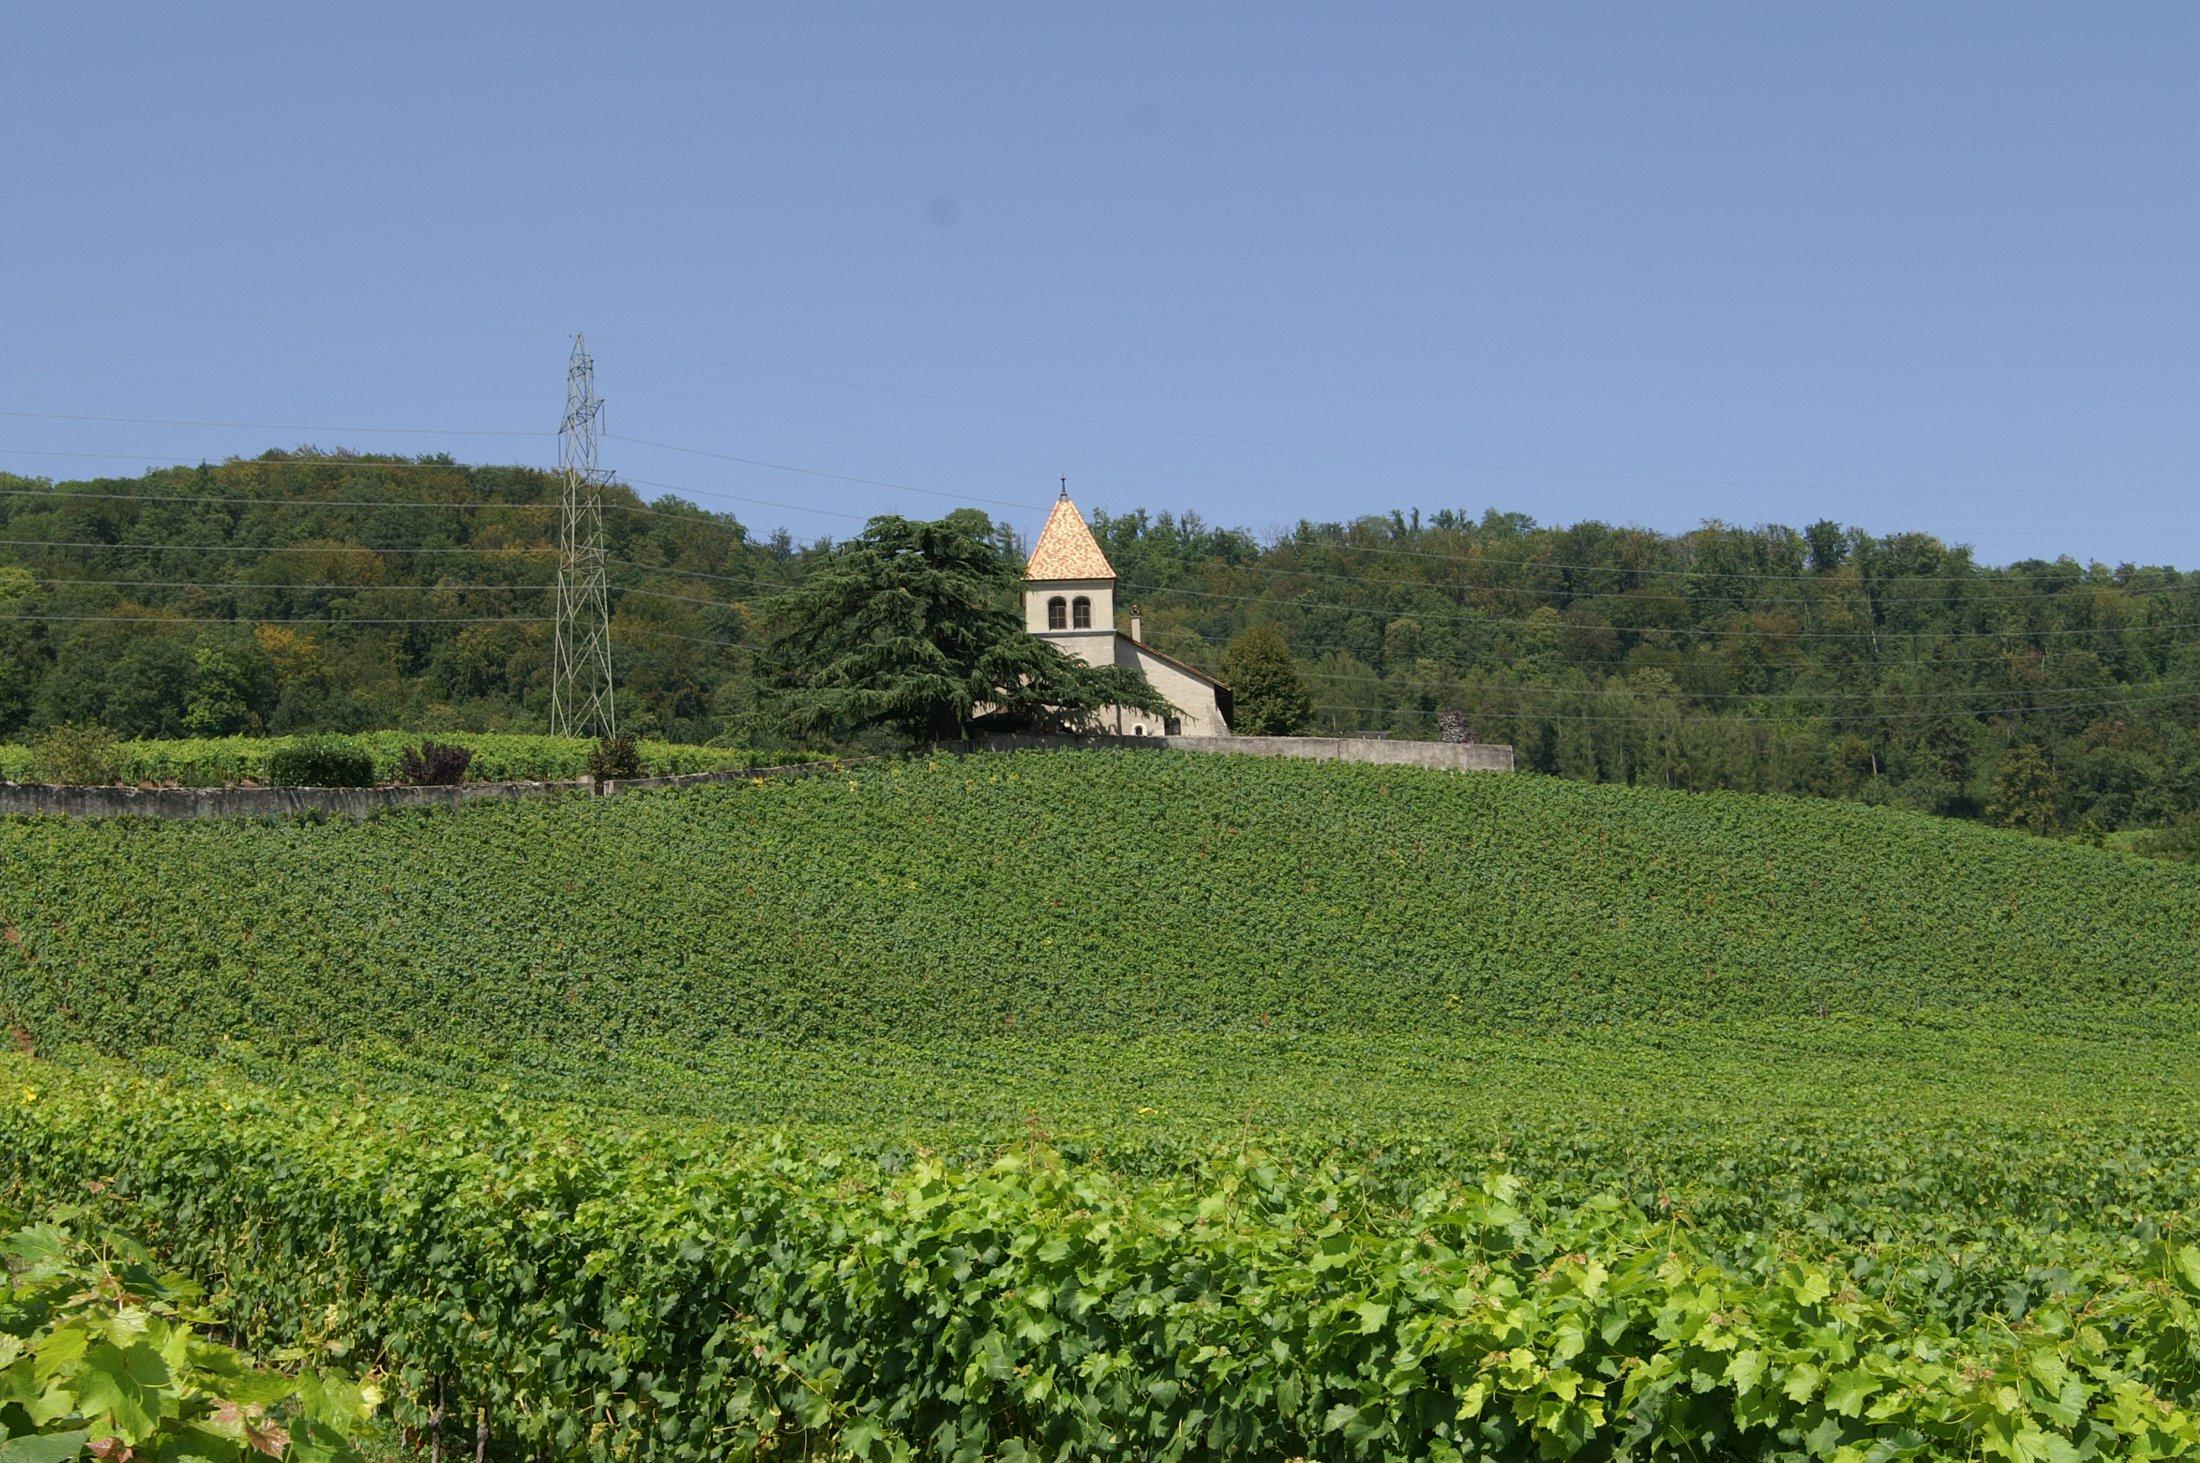 L'église de Luins, au milieu des vignes. © Andrew Schiewe